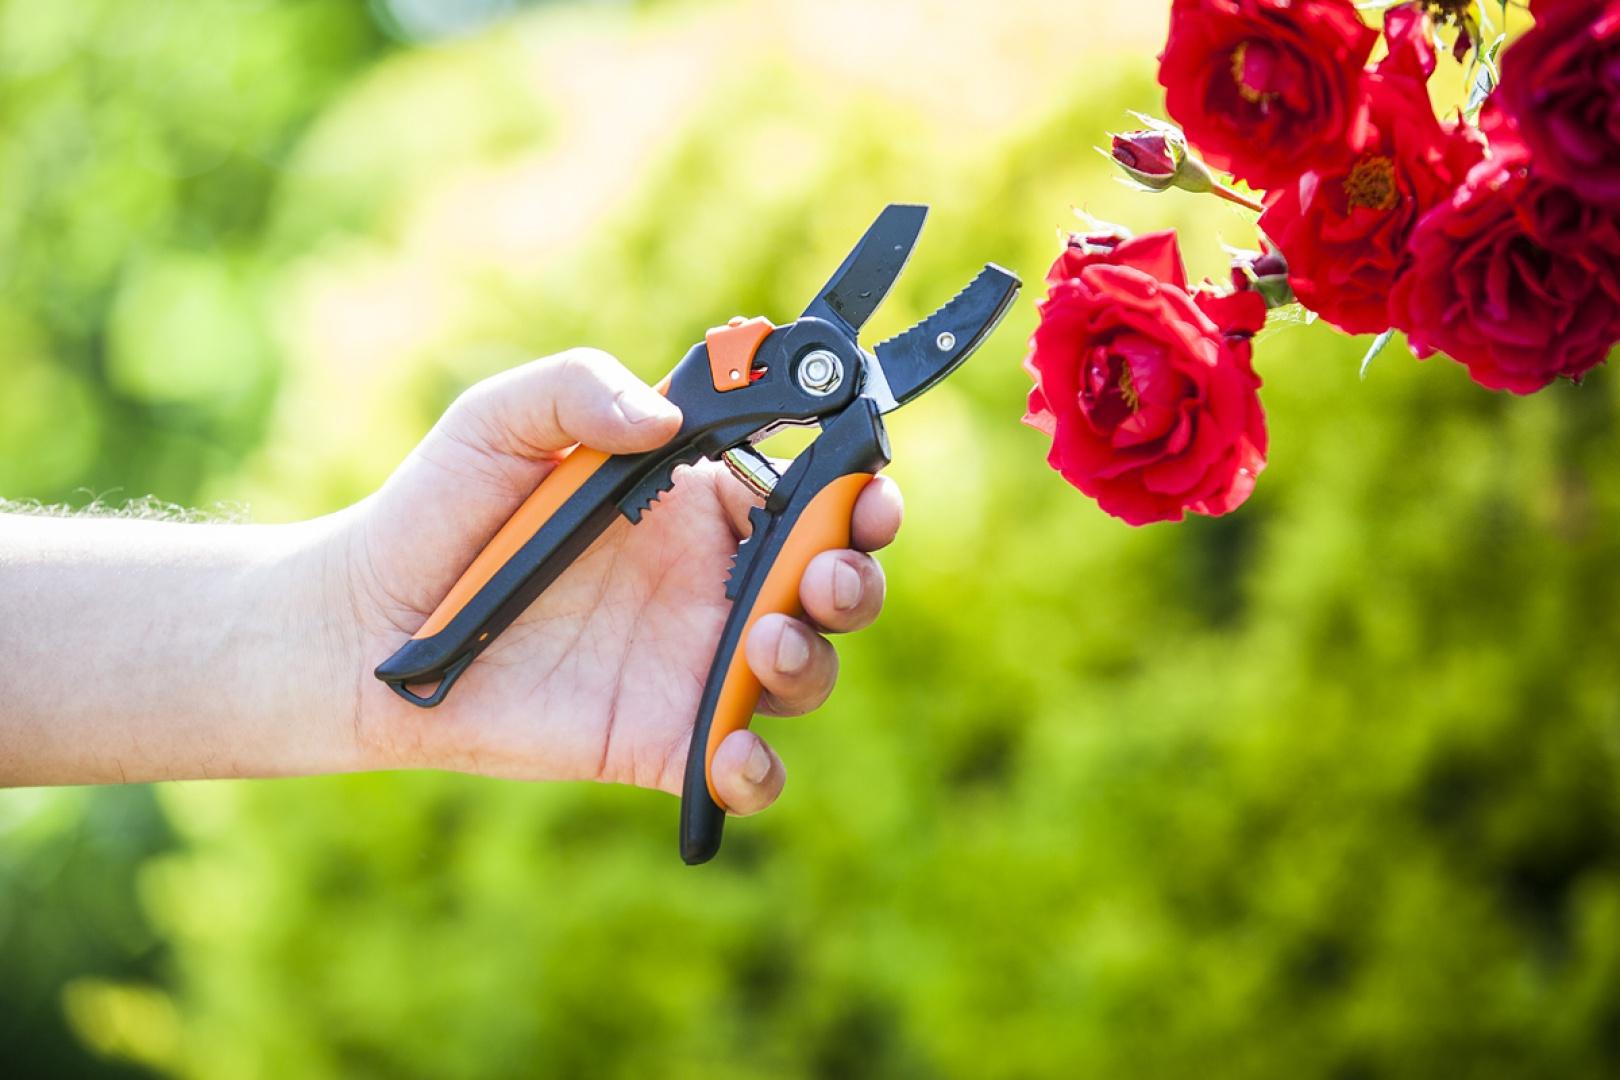 Sekator ogrodowy Strong marki Verdenia, dł. 21 cm, ze stali nierdzewnej i tworzywa, posiada krótkie ostrze i wygodny uchwyt. Przeznaczony do cięcia pędów lub innych części roślin o niewielkiej grubości (do 15 mm). Niewielki i lekki, można go używać jedną ręką. Cena 32,73 zł. Fot. Galicja dla Twojego domu